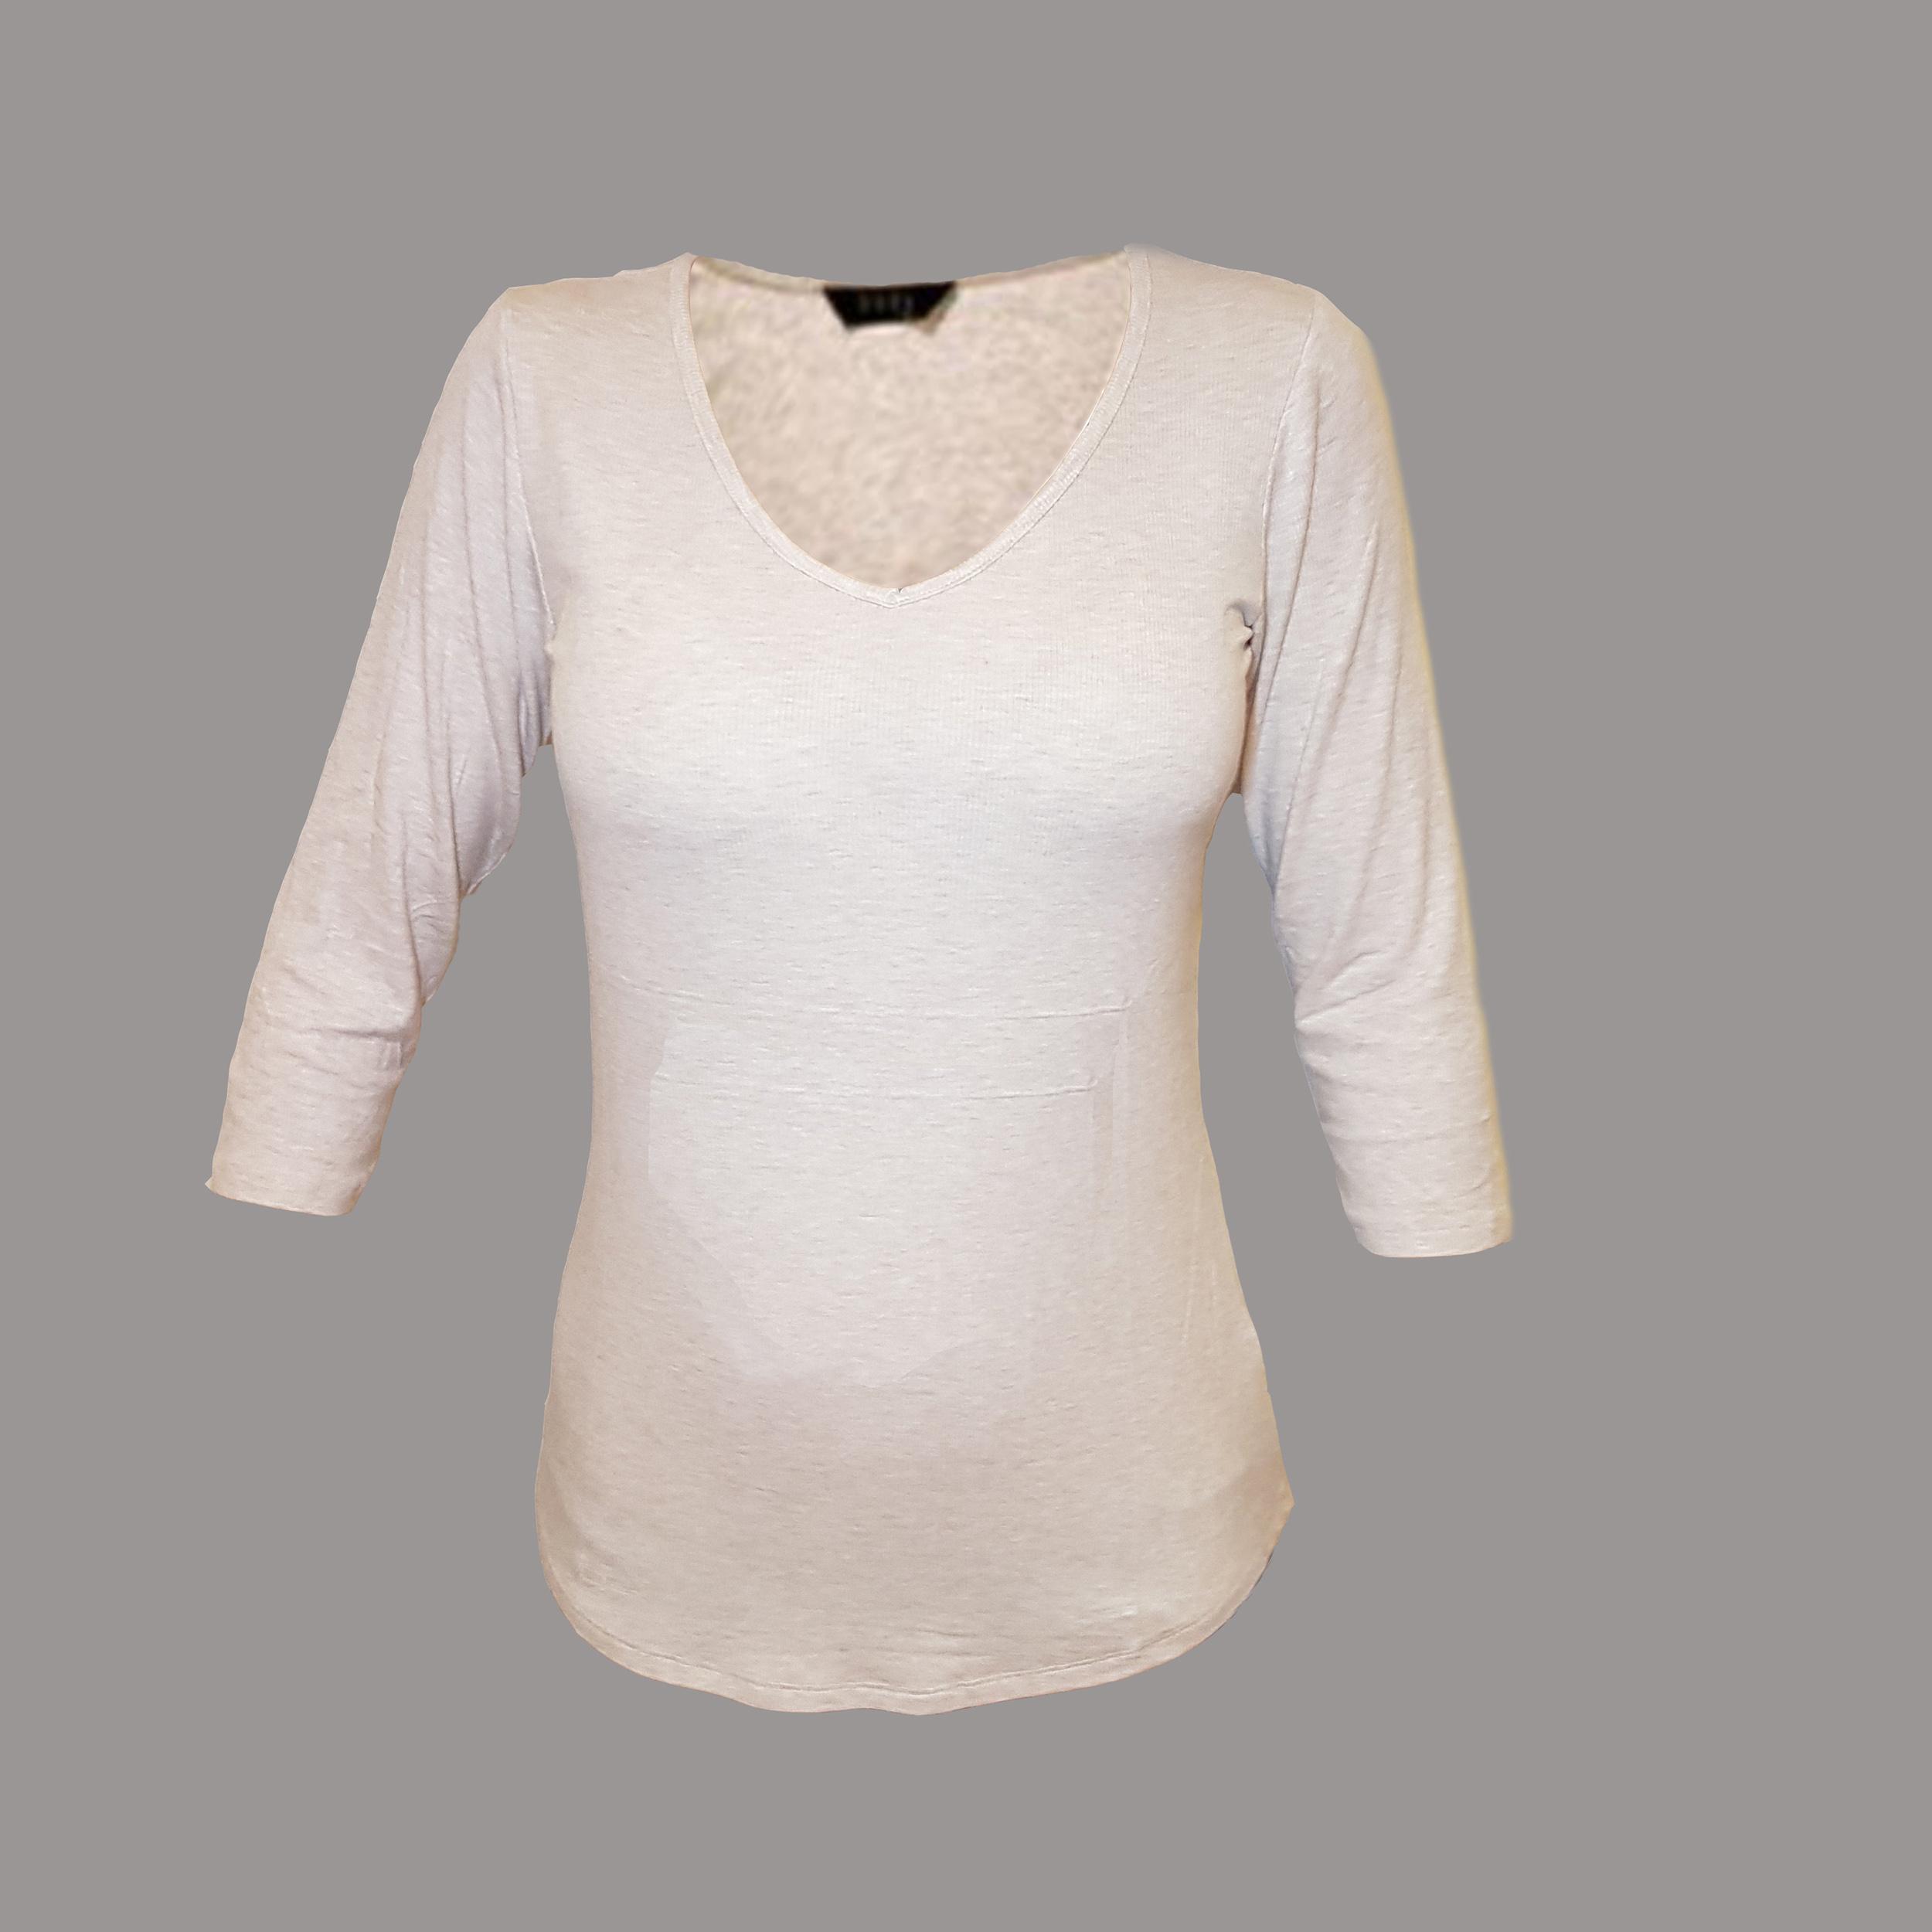 تی شرت زنانه چیبو مدل 324805